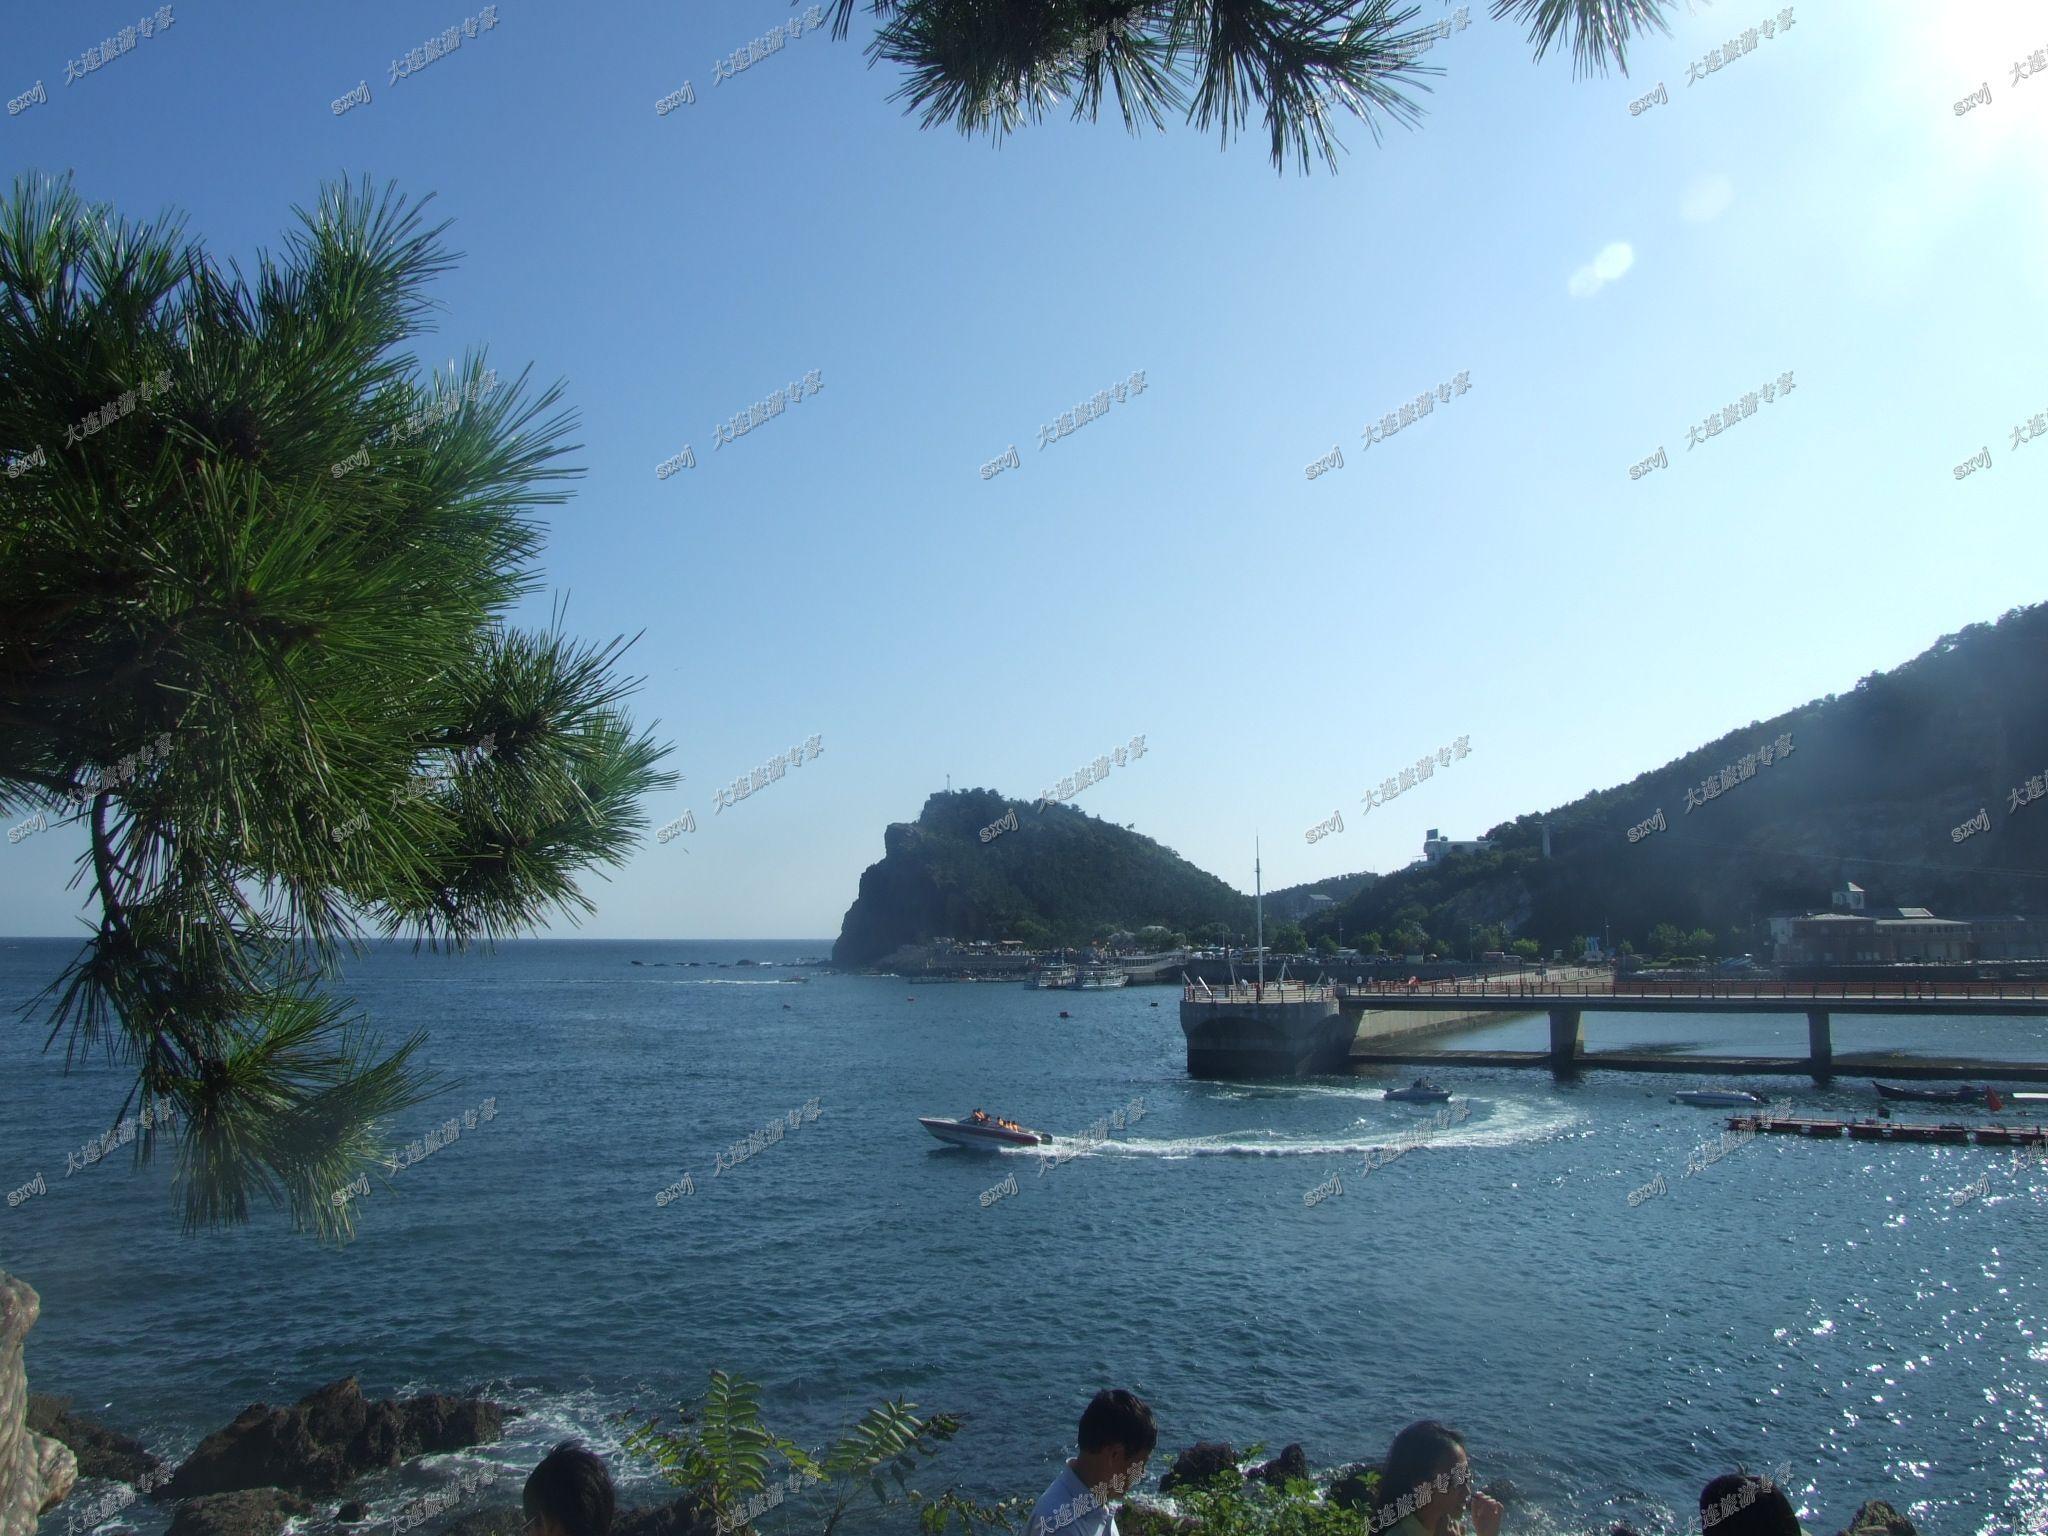 【光明旅游】老虎滩海洋公园 海上观光 海上看大连 棒槌岛快艇票